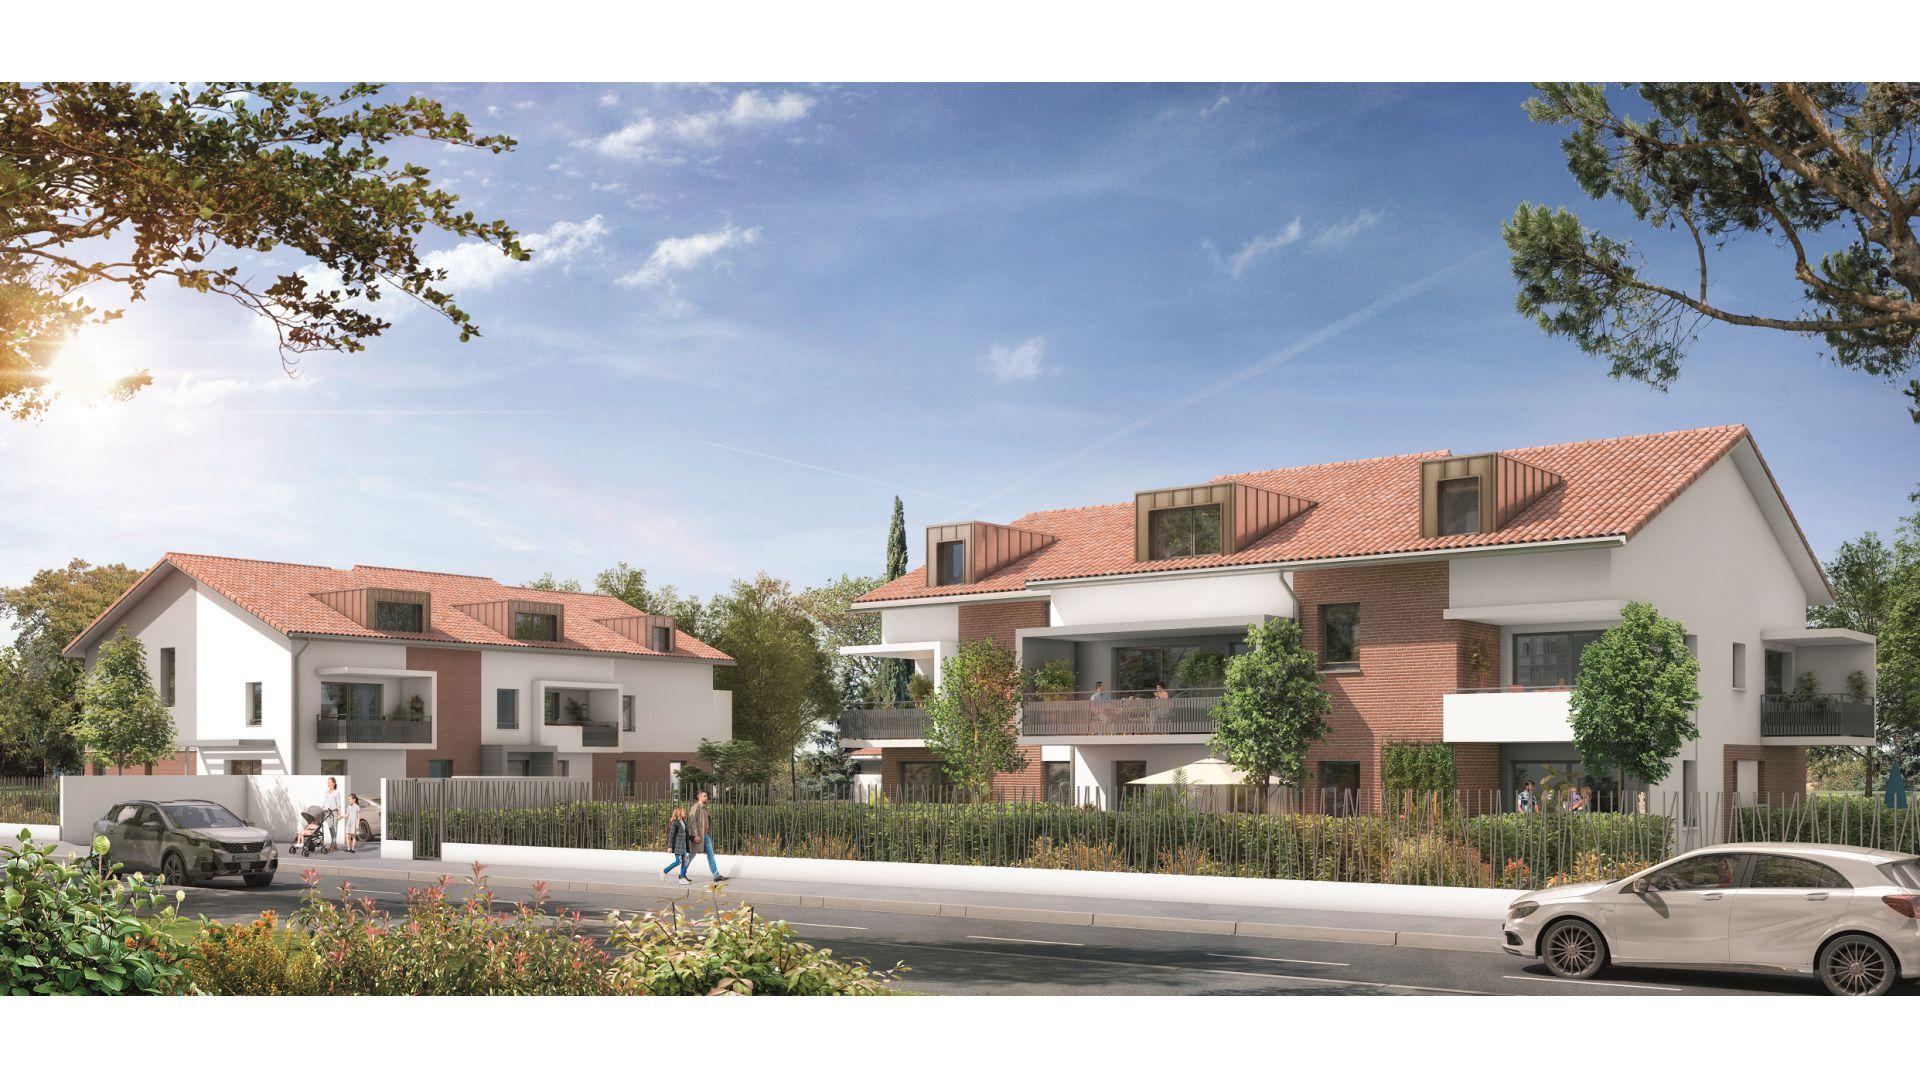 GreenCity immobilier - Résidence Cours Adrienne - 31100 Toulouse Saint-Simon - Appartements neufs du T2 au T3 duplex